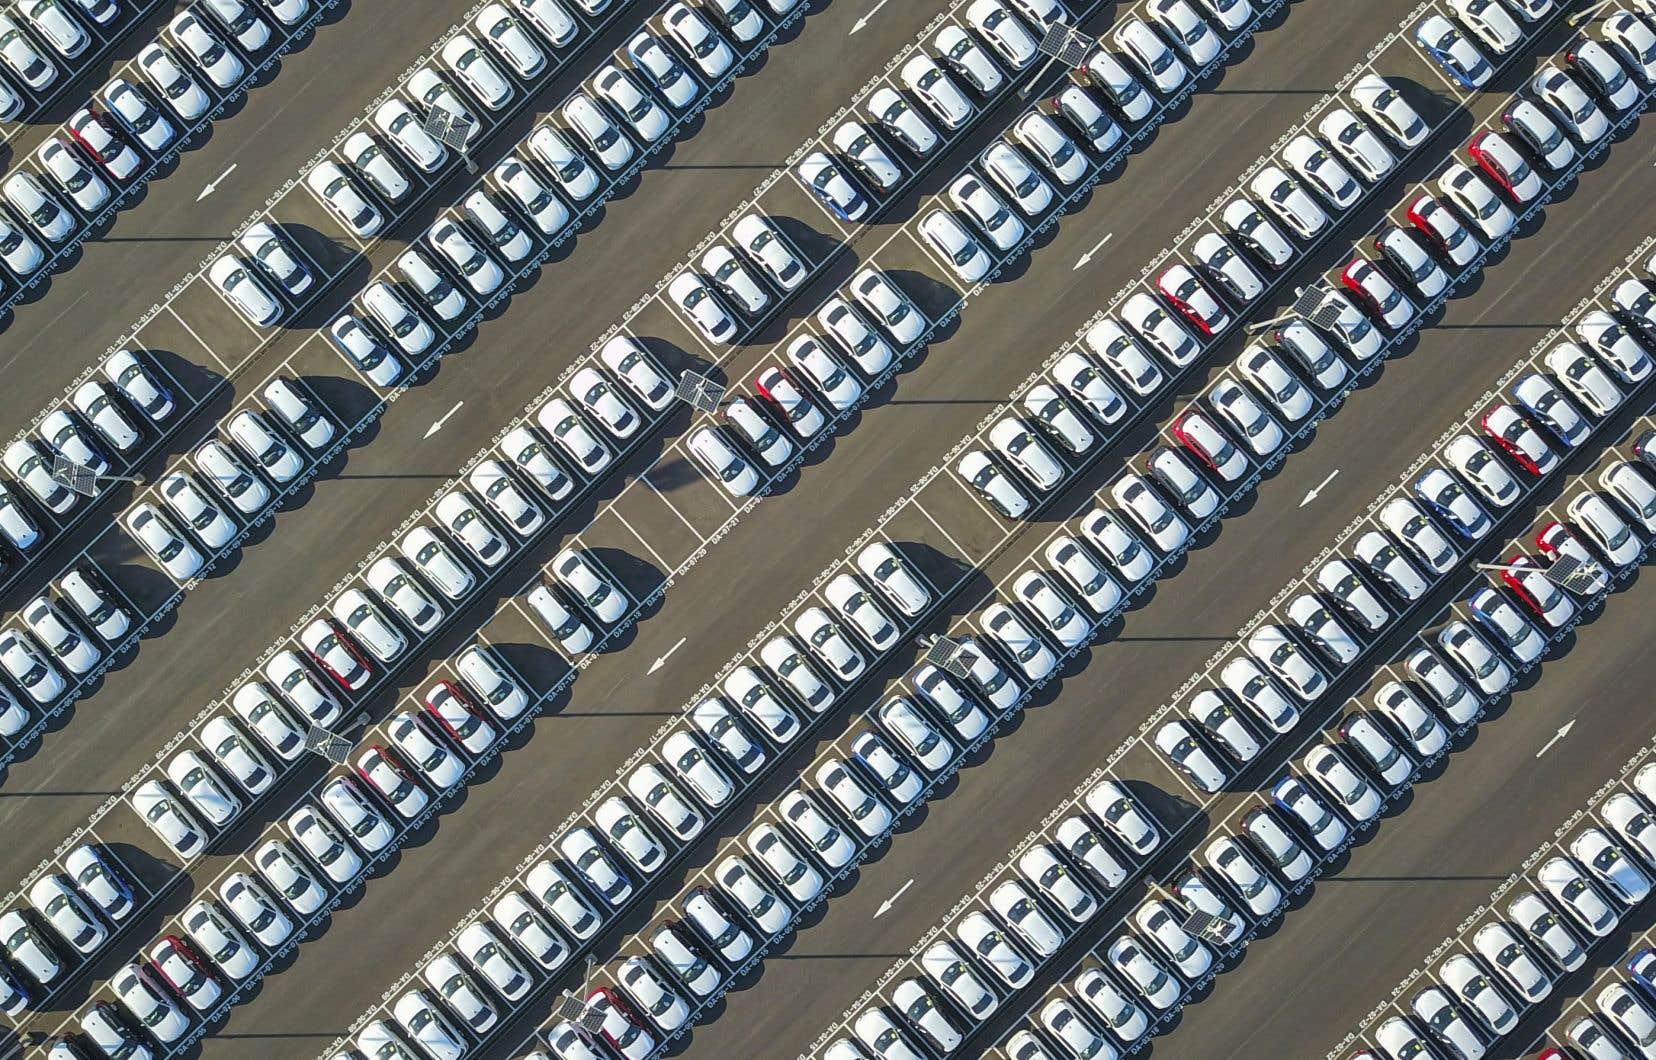 L'Union européenne accuse BMW, Daimler et Volkswagen de s'être entendus pour éviter de se faire concurrence sur les technologies réduisant les émissions polluantes.